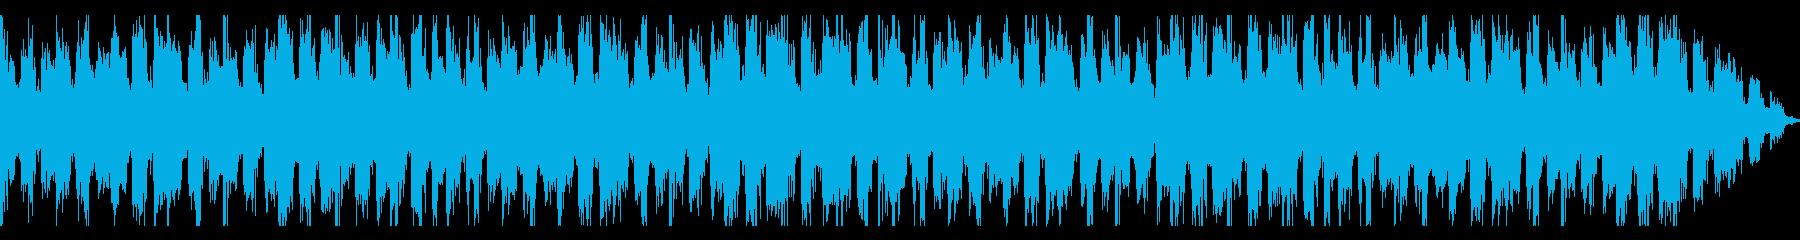 宇宙 明るい ポップ POP キャッチーの再生済みの波形